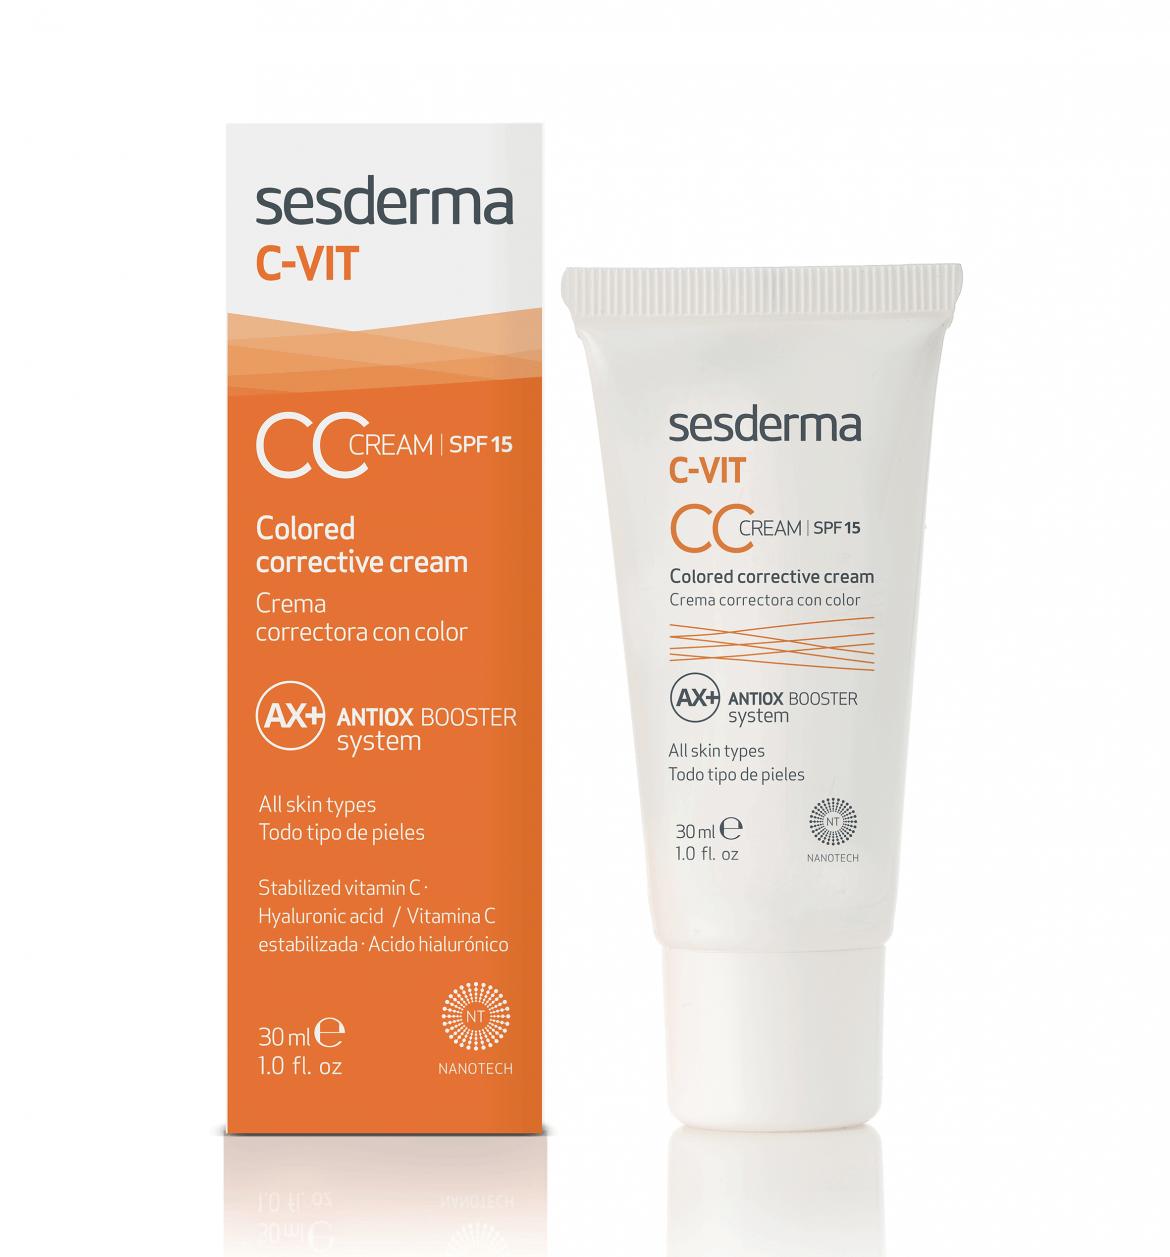 'C-VIT CC cream SPF15' de Sesderma, 4 cremas en una